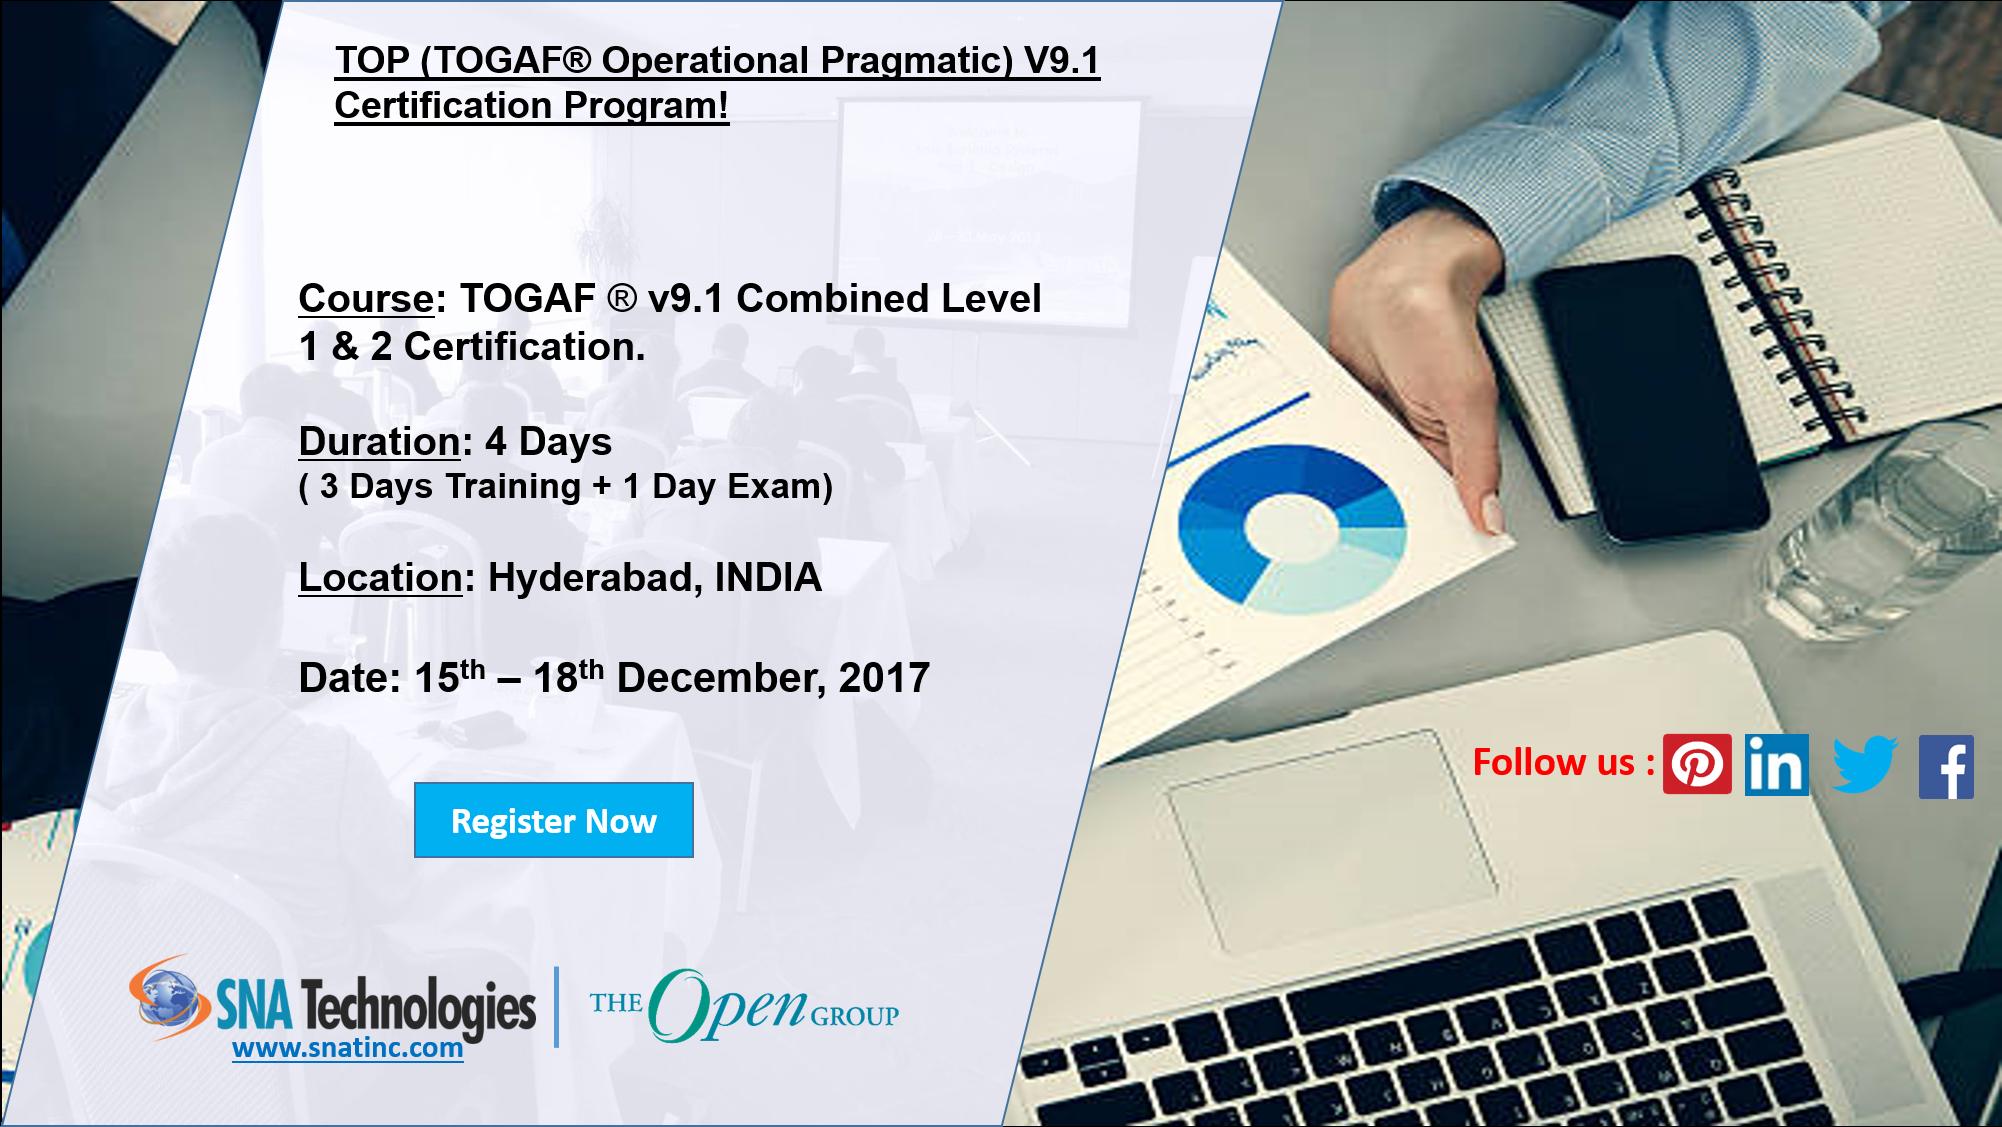 Togaf V91 Certification Program In Hyderabad India For More